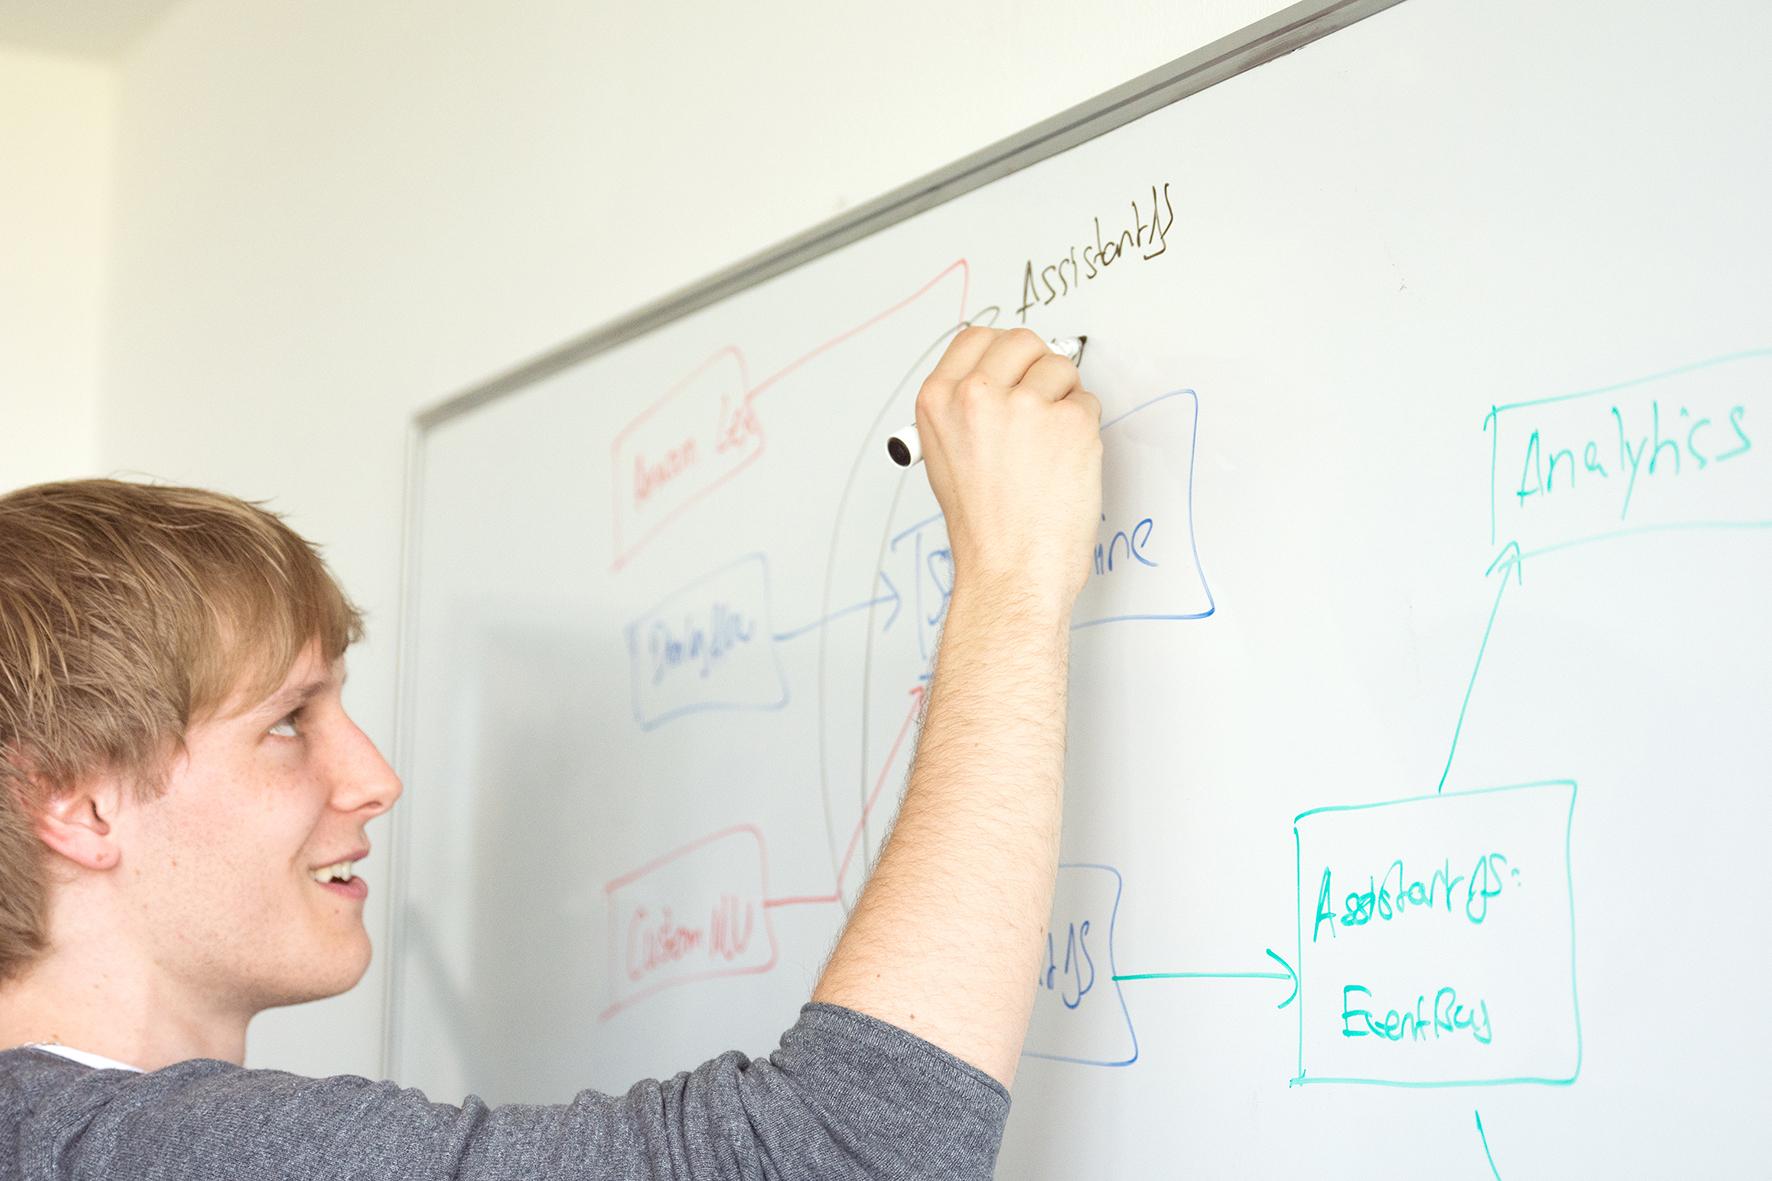 Antonius Ostermann zeichnet an einem Whiteboard